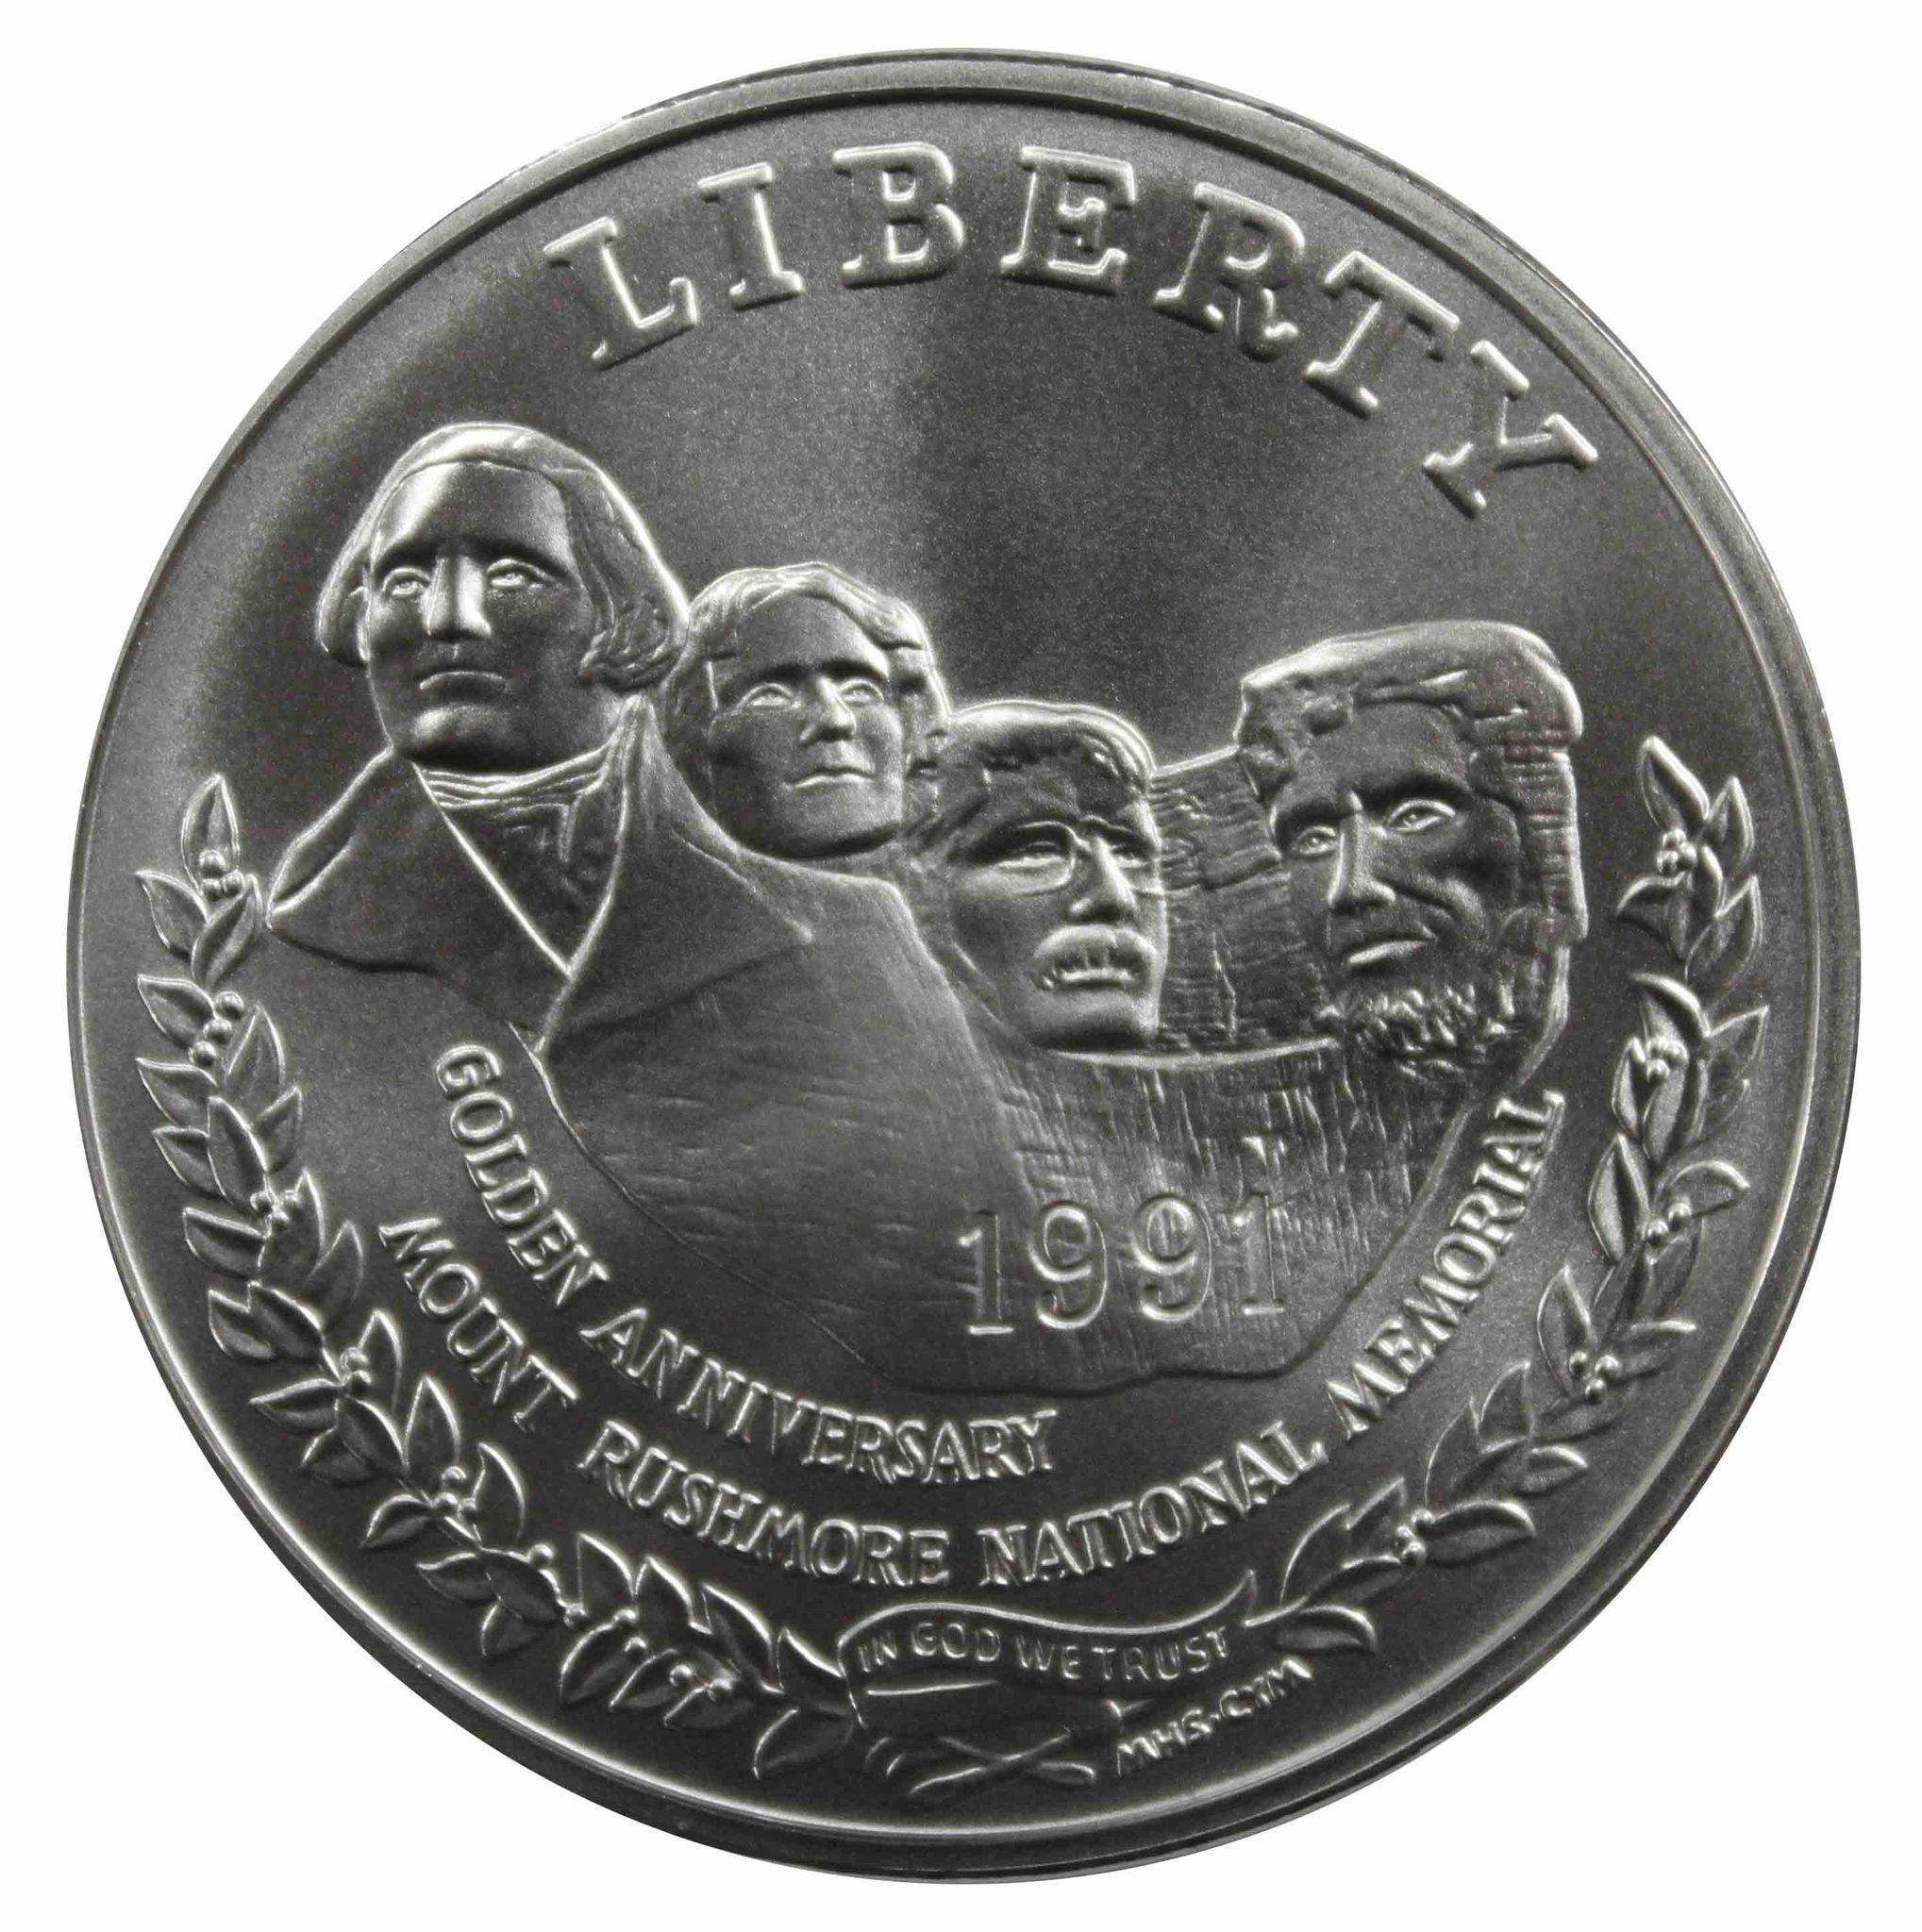 1 доллар. Национальный мемориал Рашмор. (Р). США 1991 год. Серебро. UNC